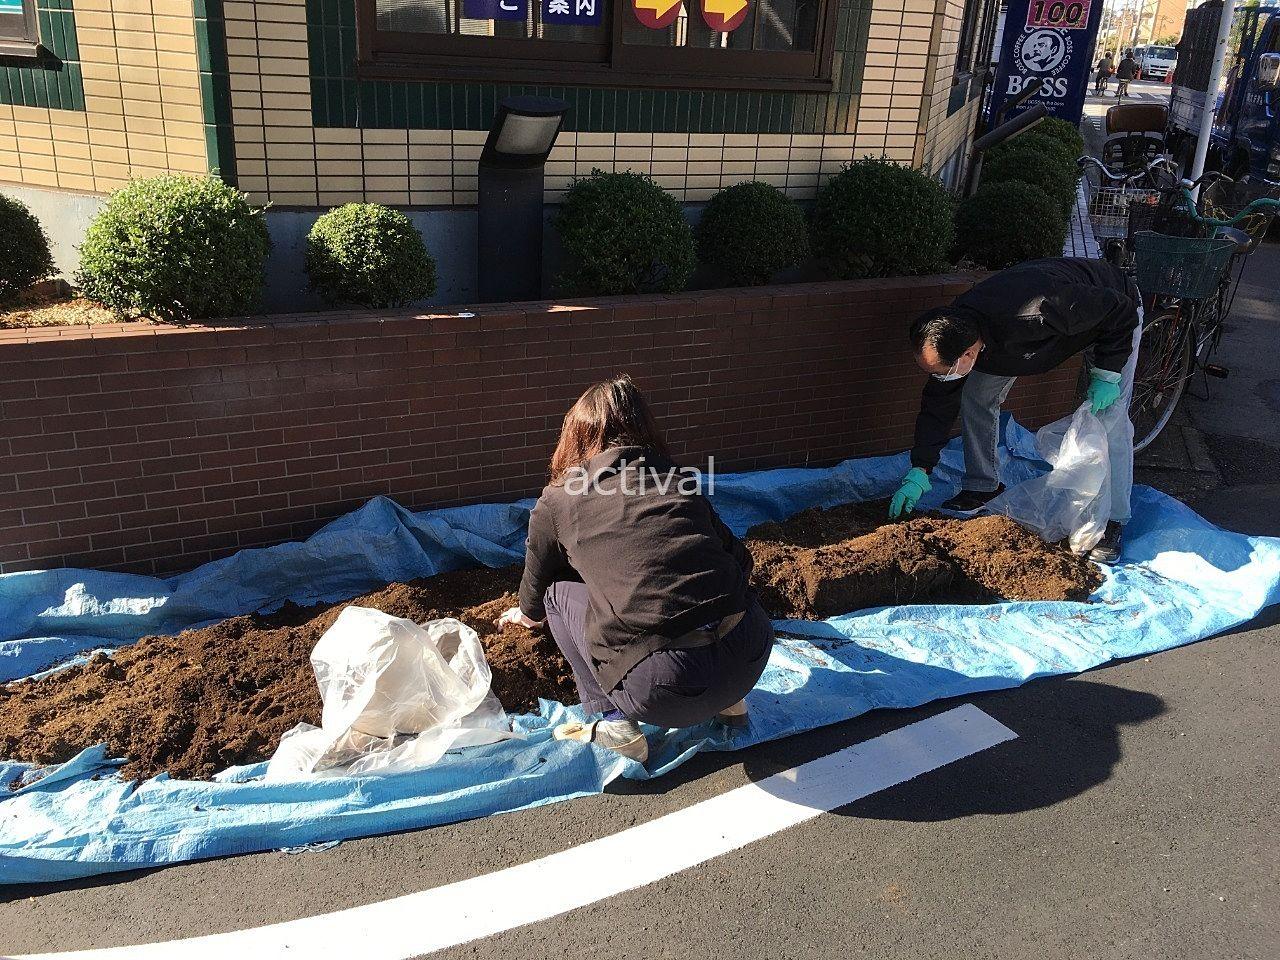 プランターの土にある根っこなどを取り除いてます!